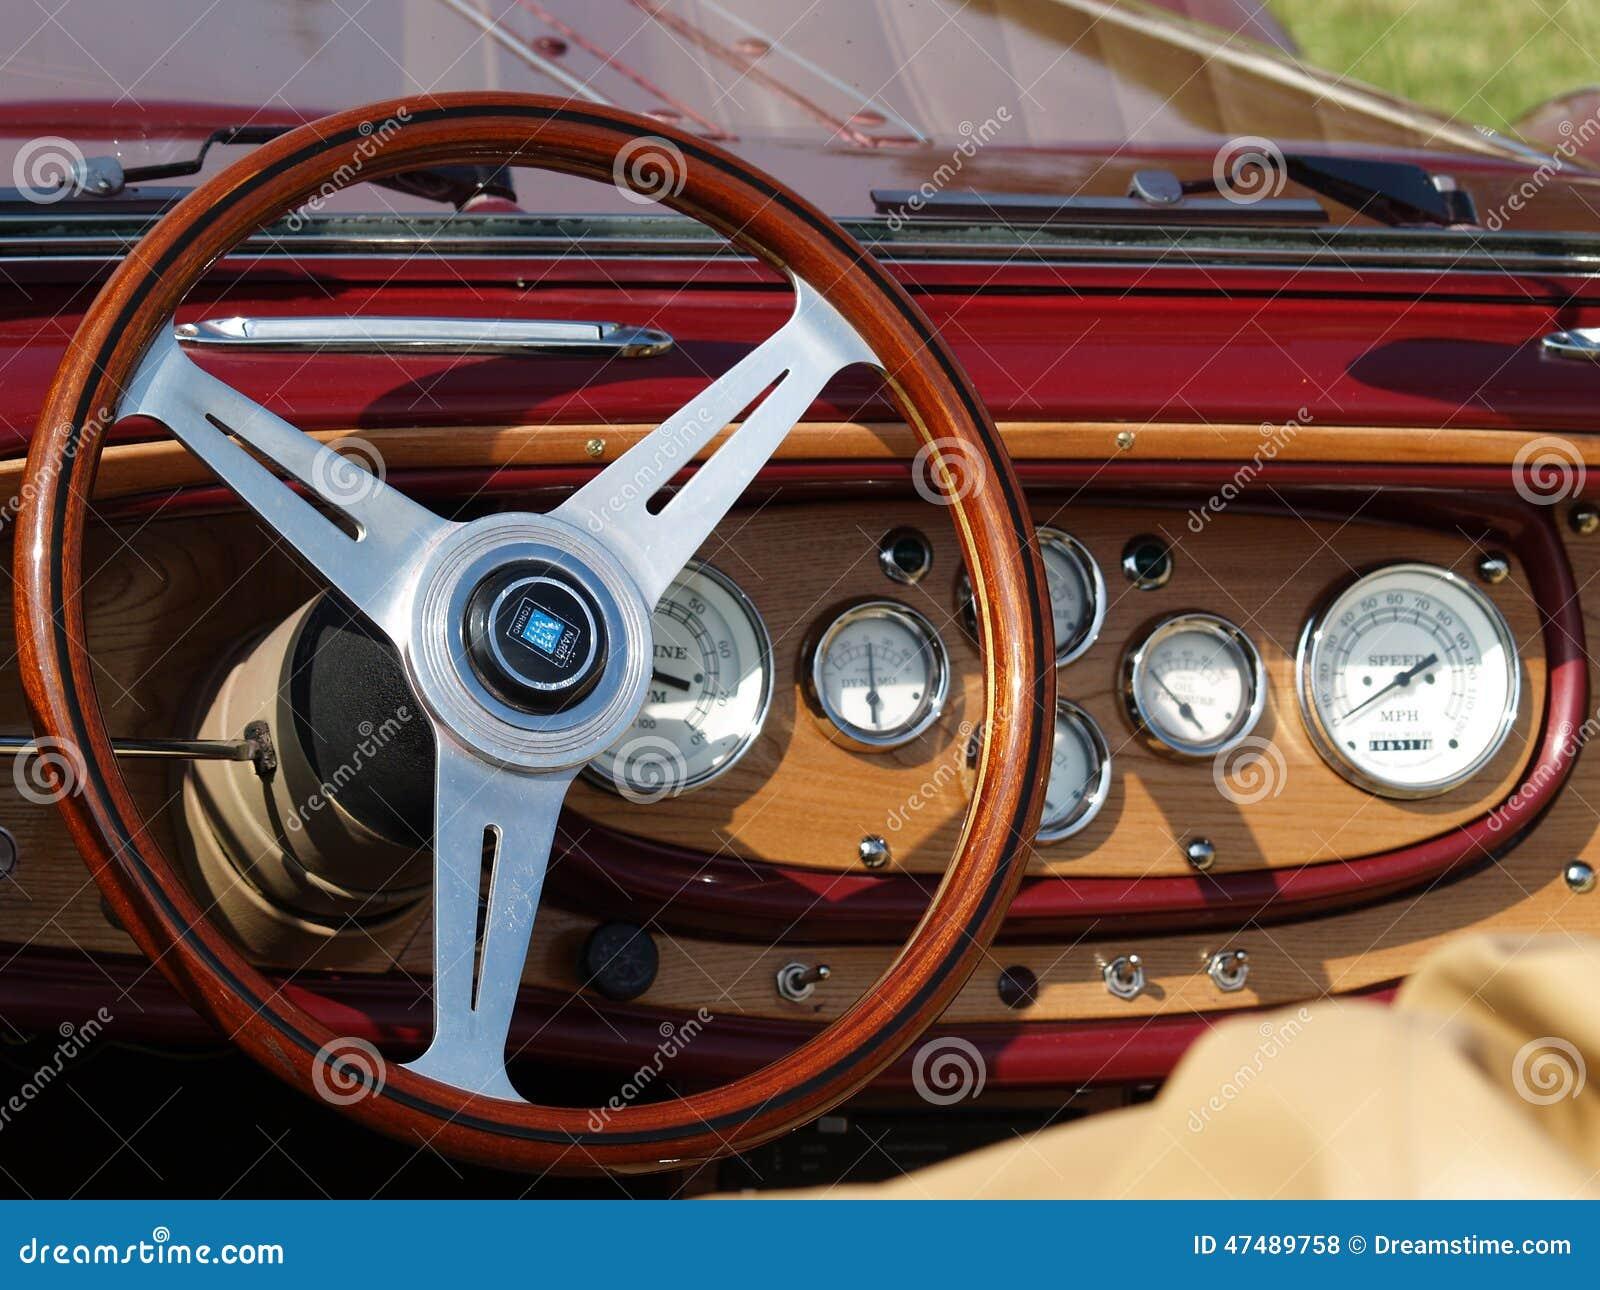 Εκλεκτής ποιότητας λεπτομέρεια ταμπλό αυτοκινήτων